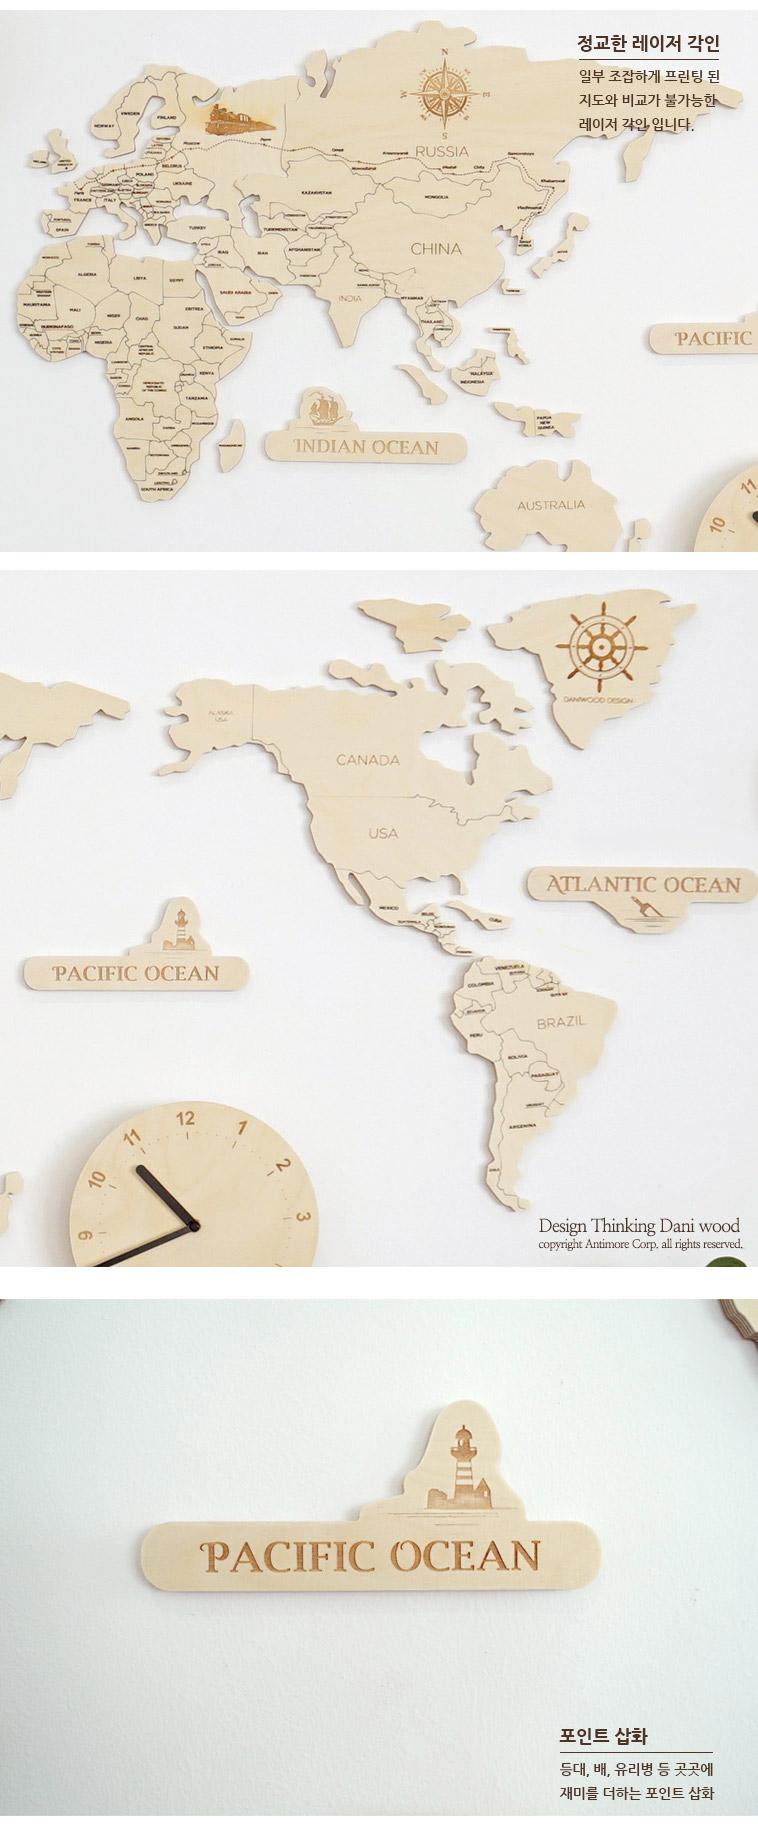 실크로드 세계지도 벽시계(중)120,400원-데코플러스인테리어, 시계, 벽시계, 디자인바보사랑실크로드 세계지도 벽시계(중)120,400원-데코플러스인테리어, 시계, 벽시계, 디자인바보사랑